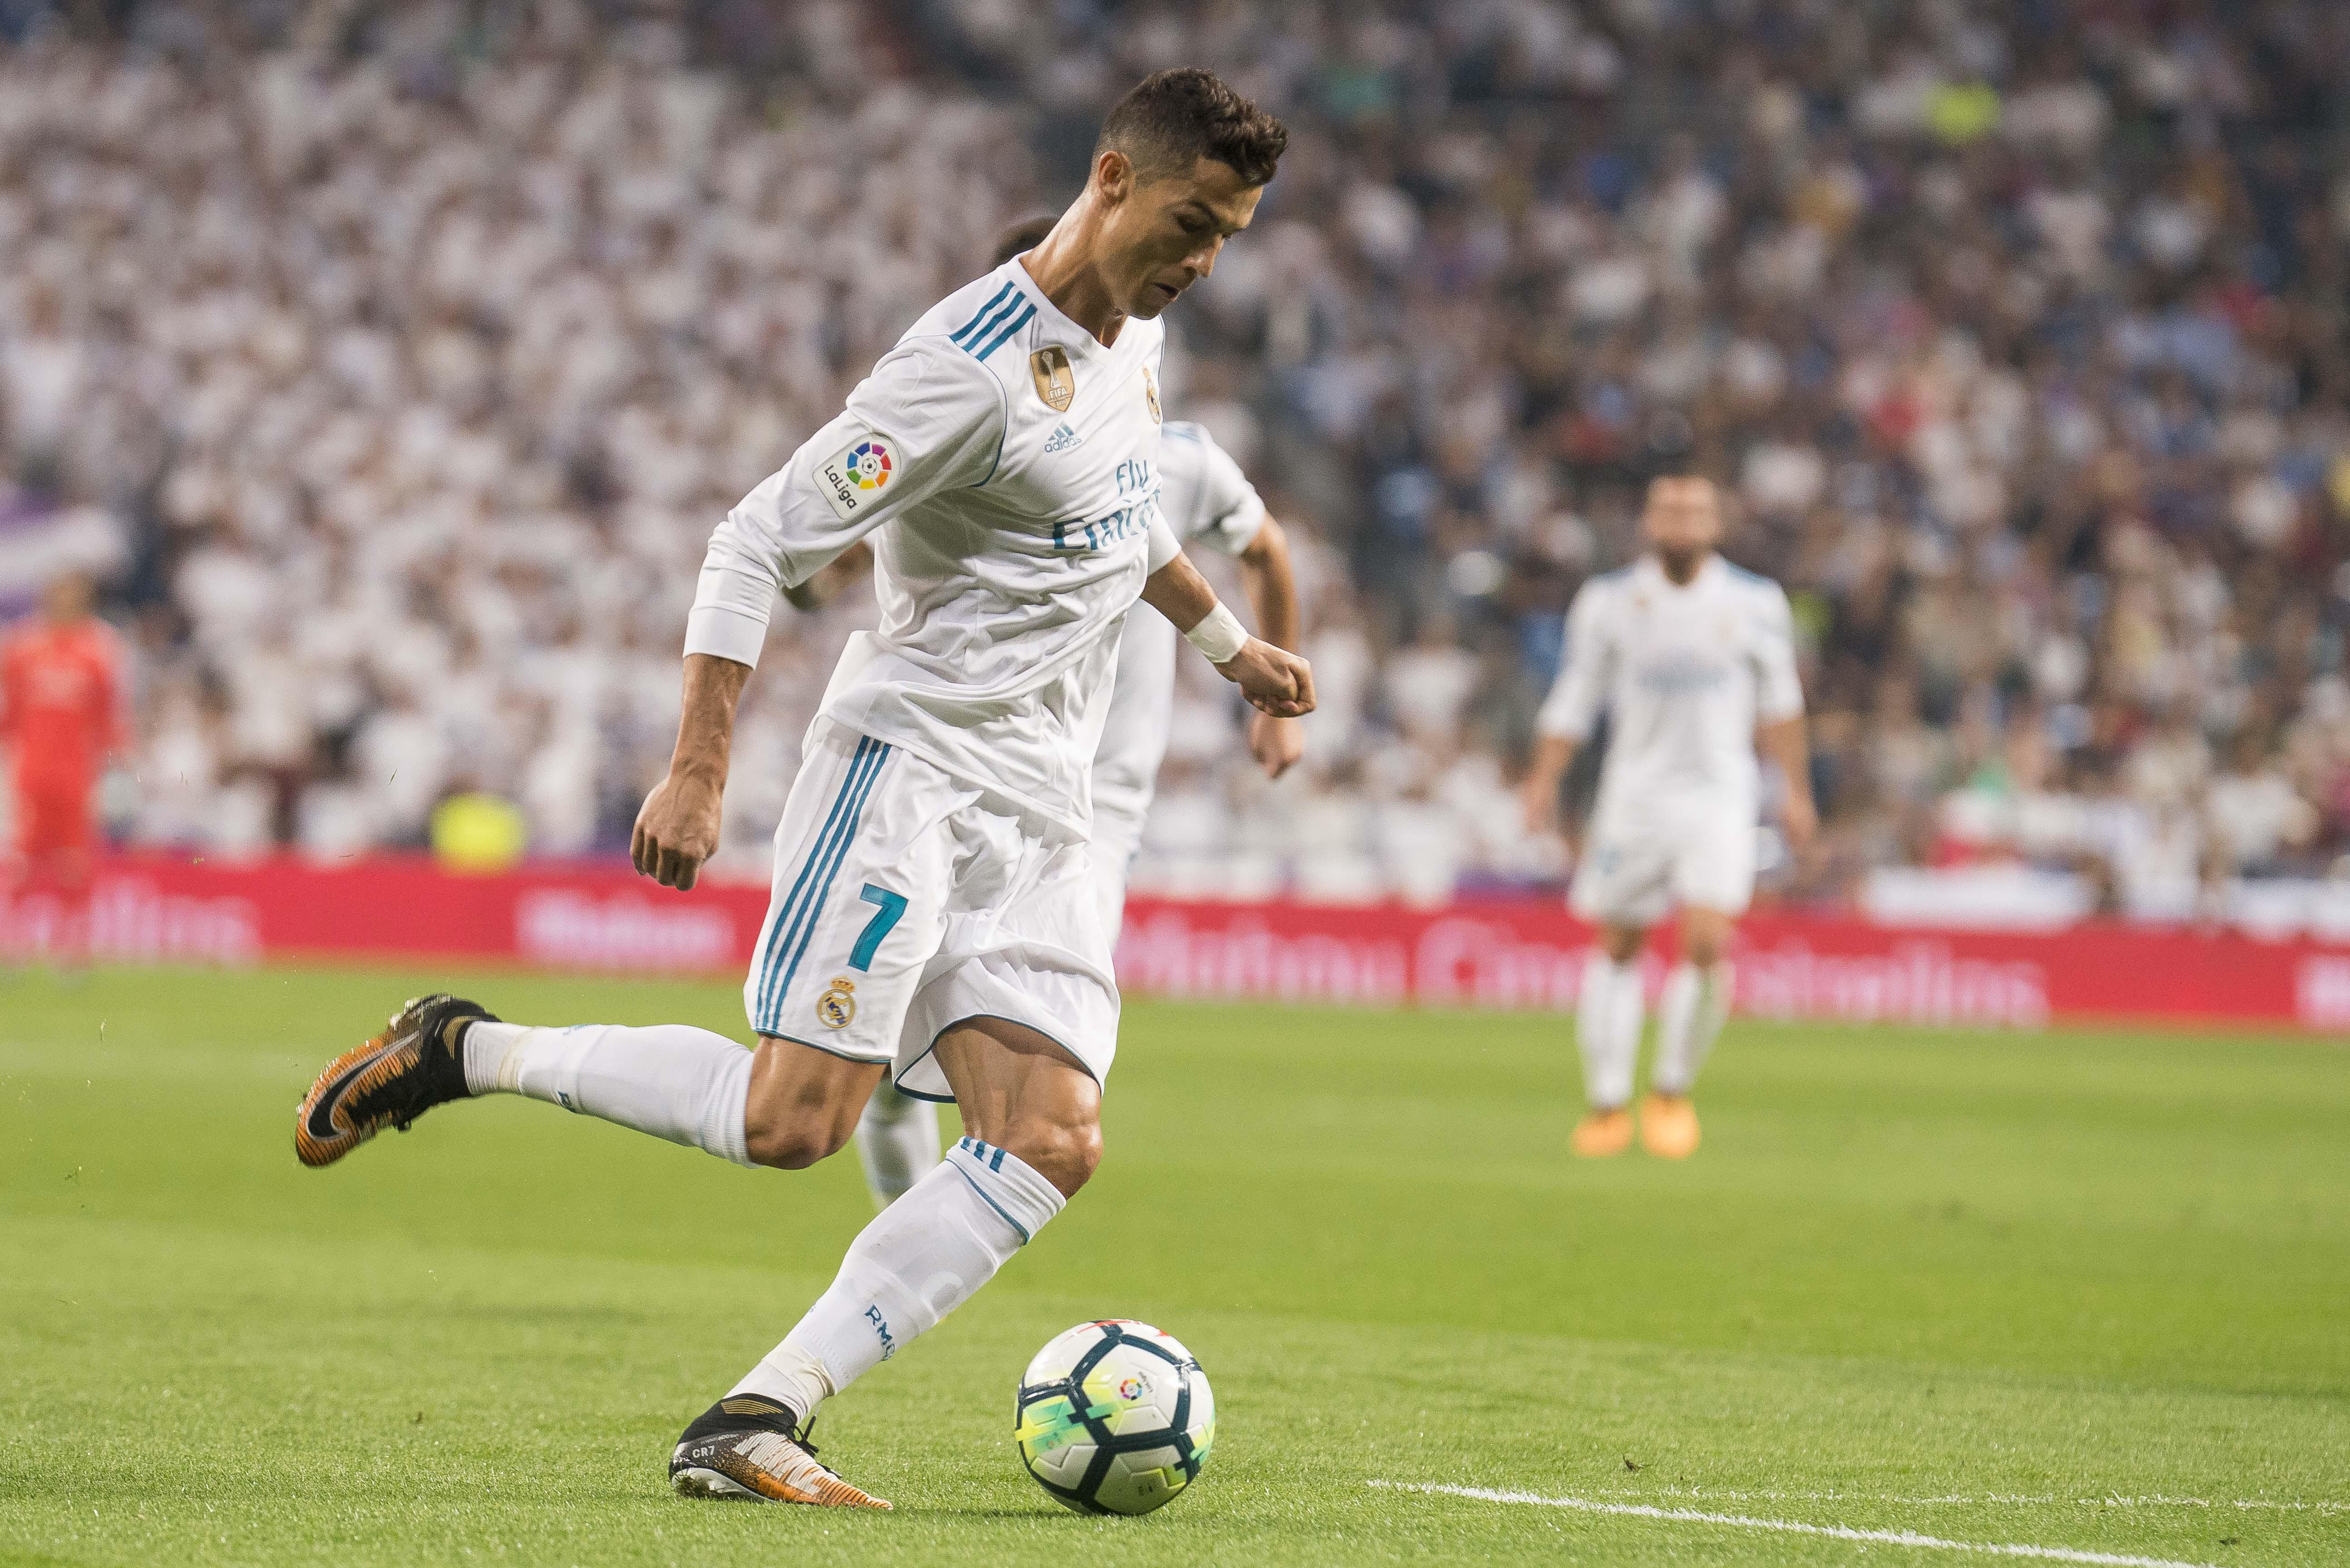 Football - Etranger - Liga : Real Madrid-Eibar en direct